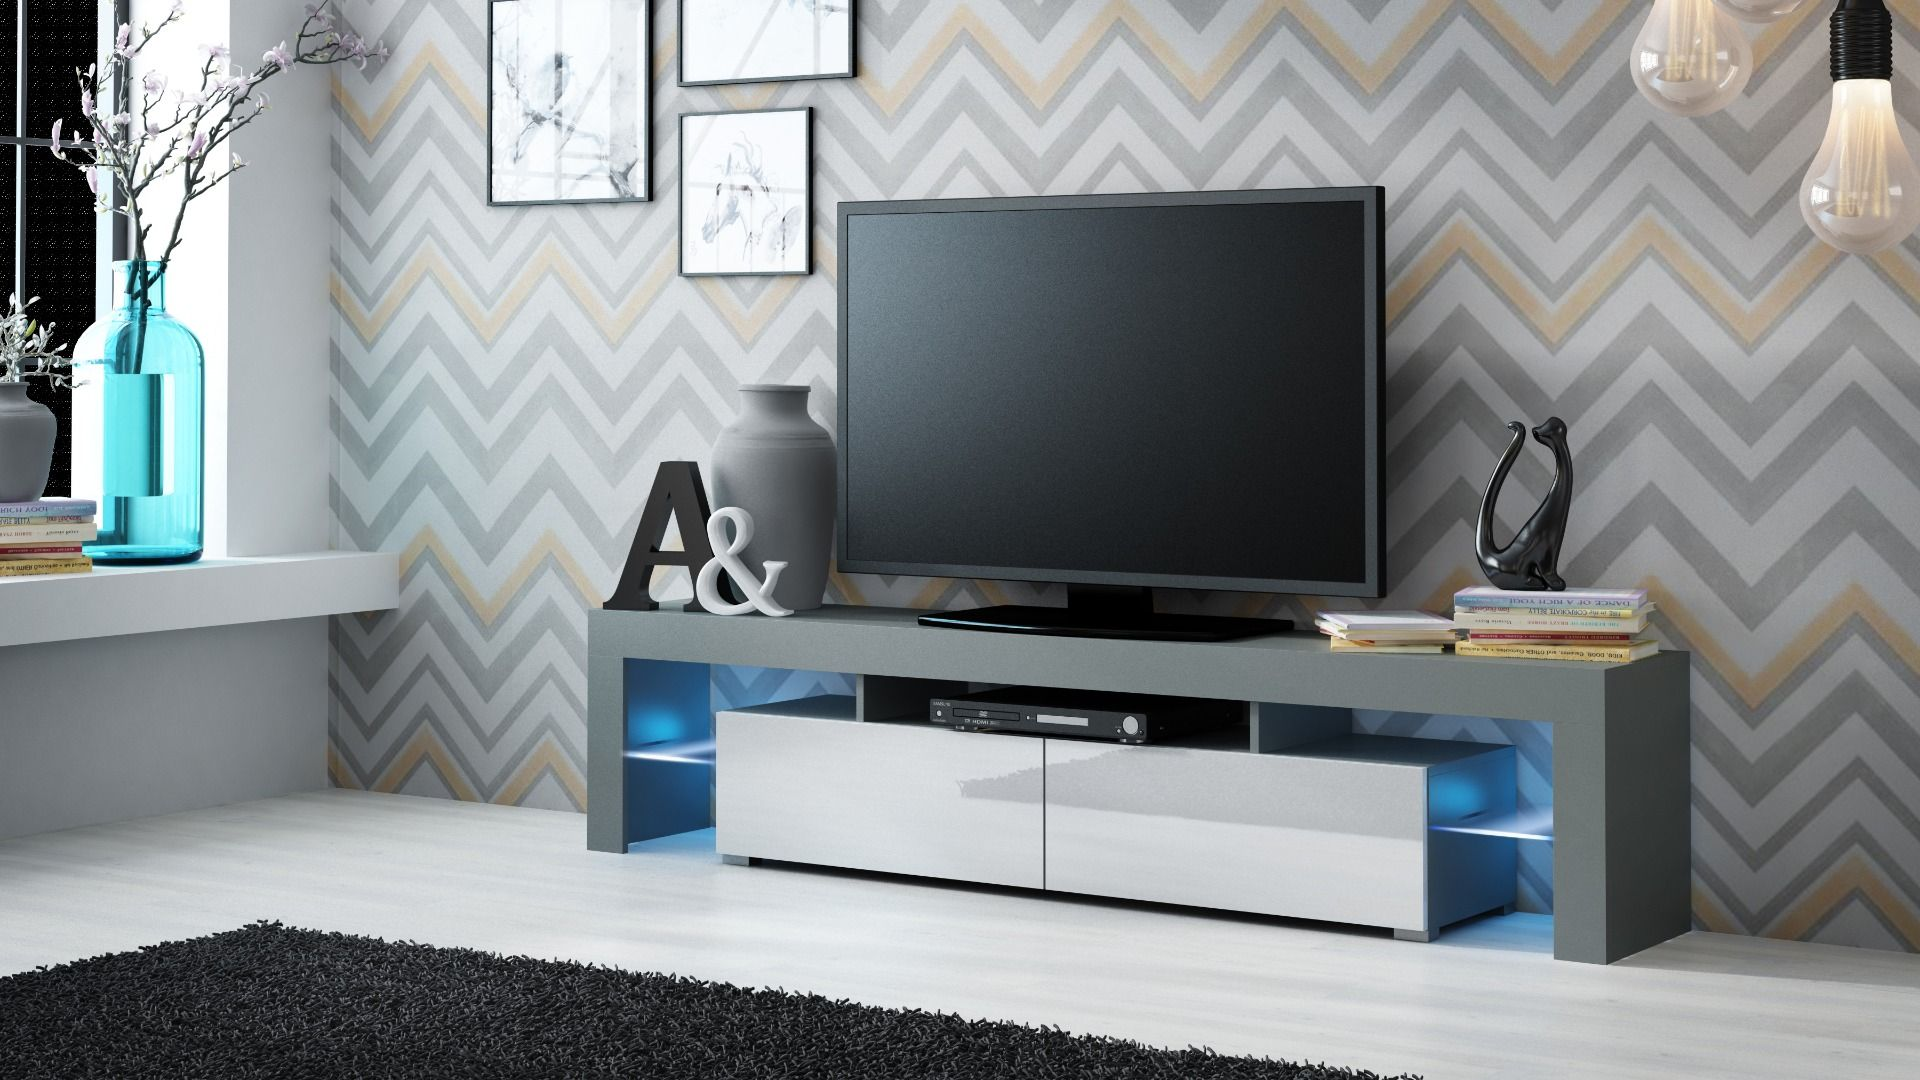 Tv Kastje Meubel.Milano 200 Grey Tv Stands Glazen Planken En Meubels